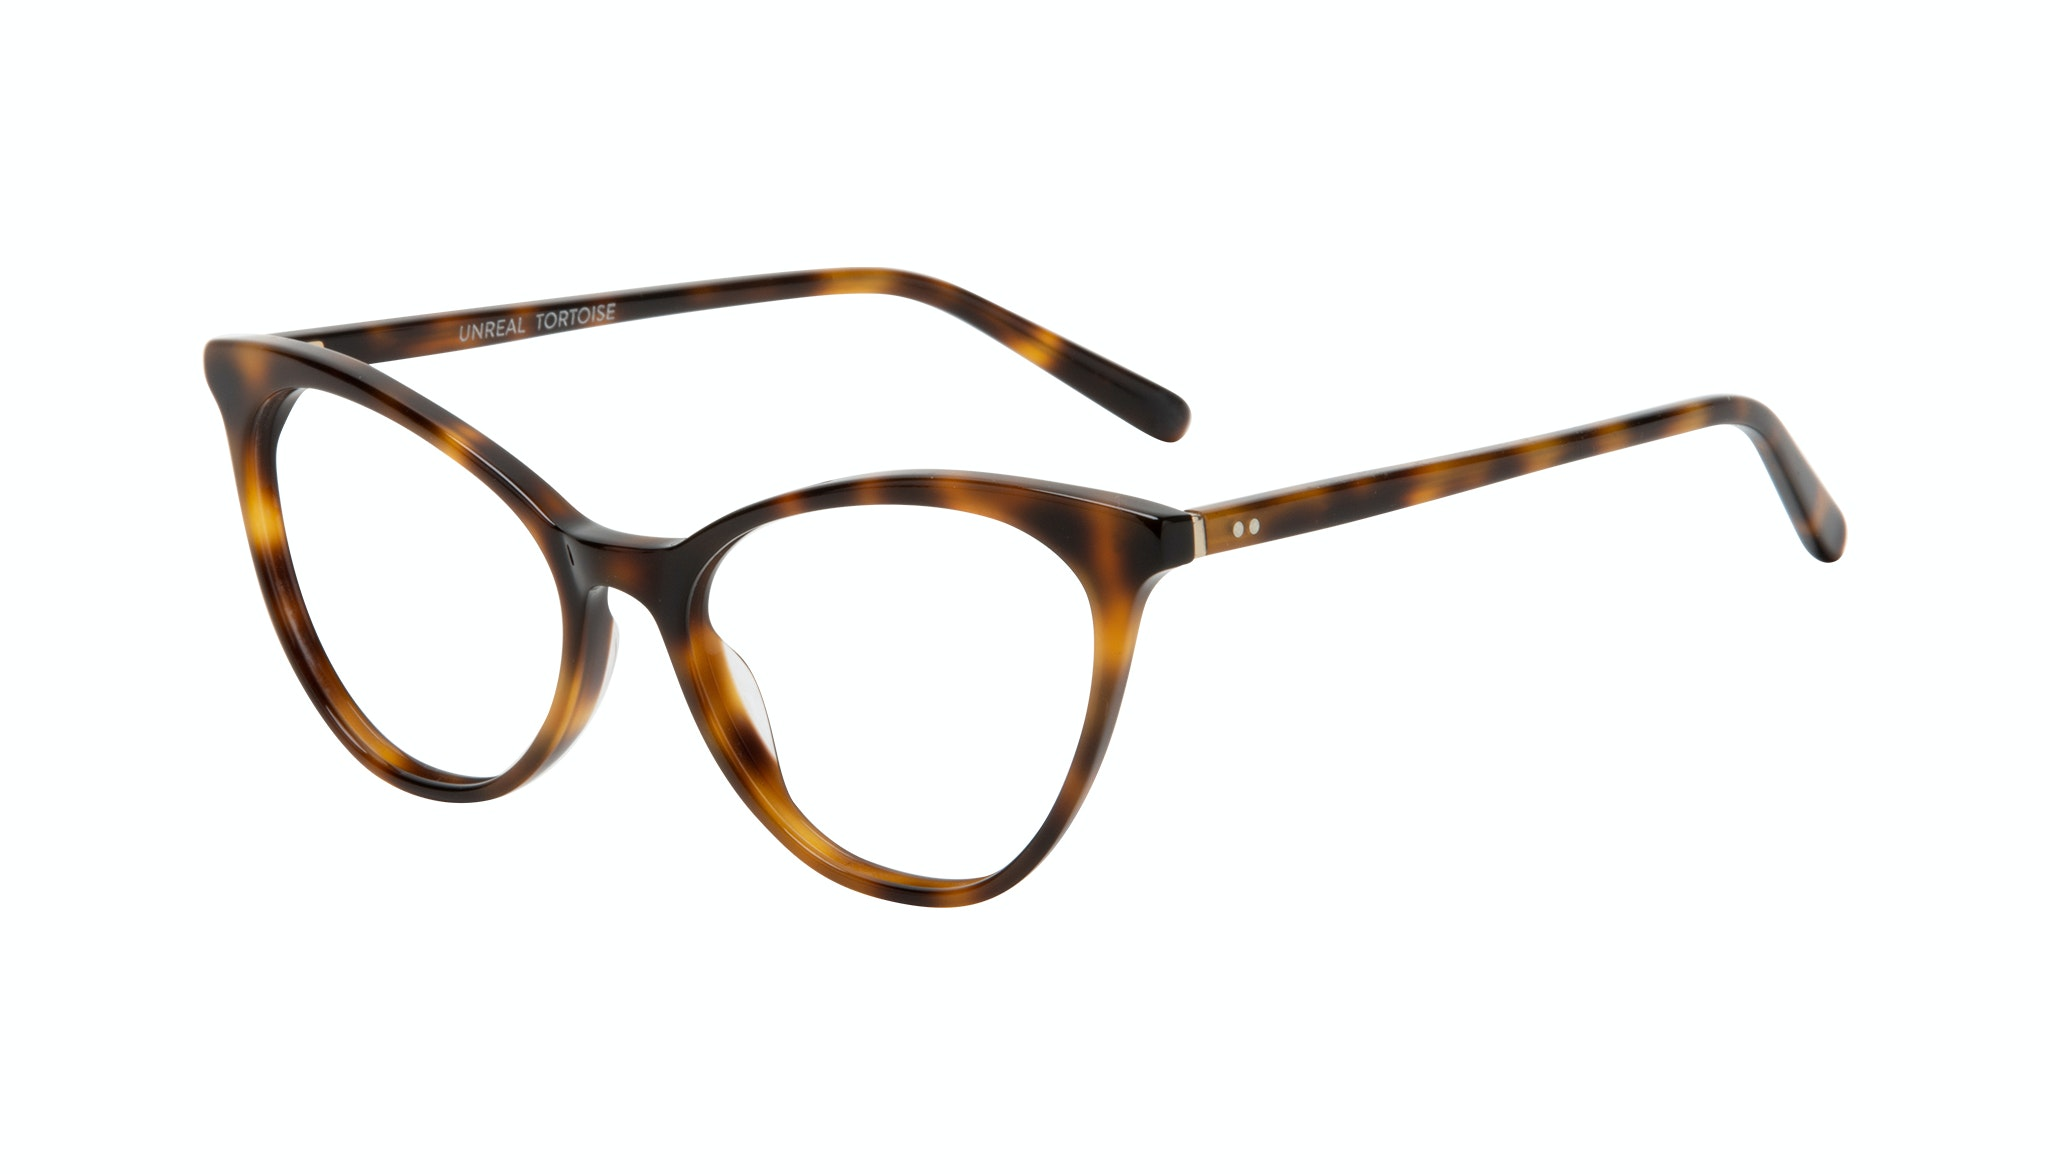 Affordable Fashion Glasses Cat Eye Eyeglasses Women Unreal Tortoise Tilt